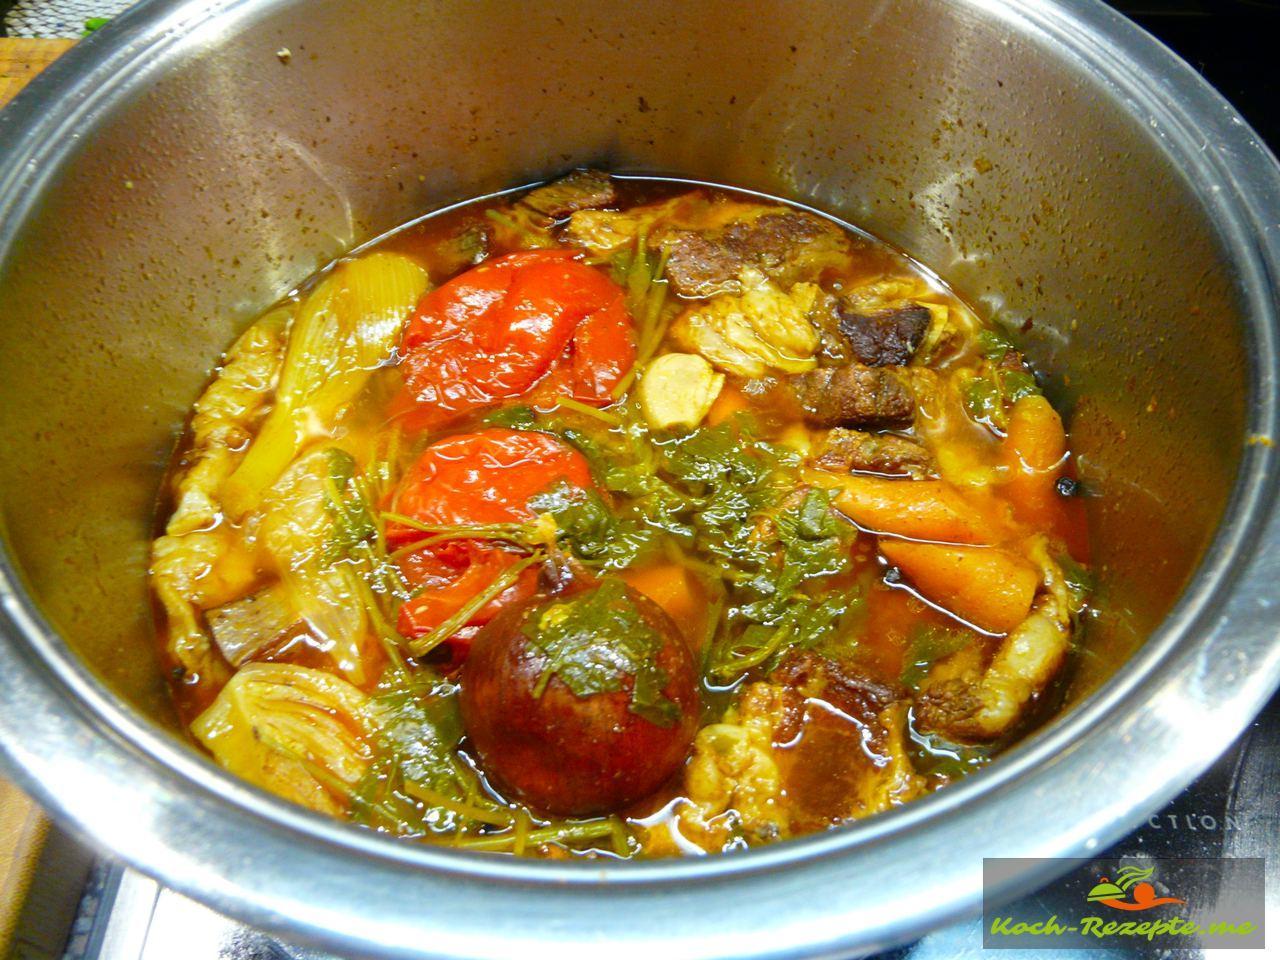 Gemüse und Rinderfond sind fertig gekocht